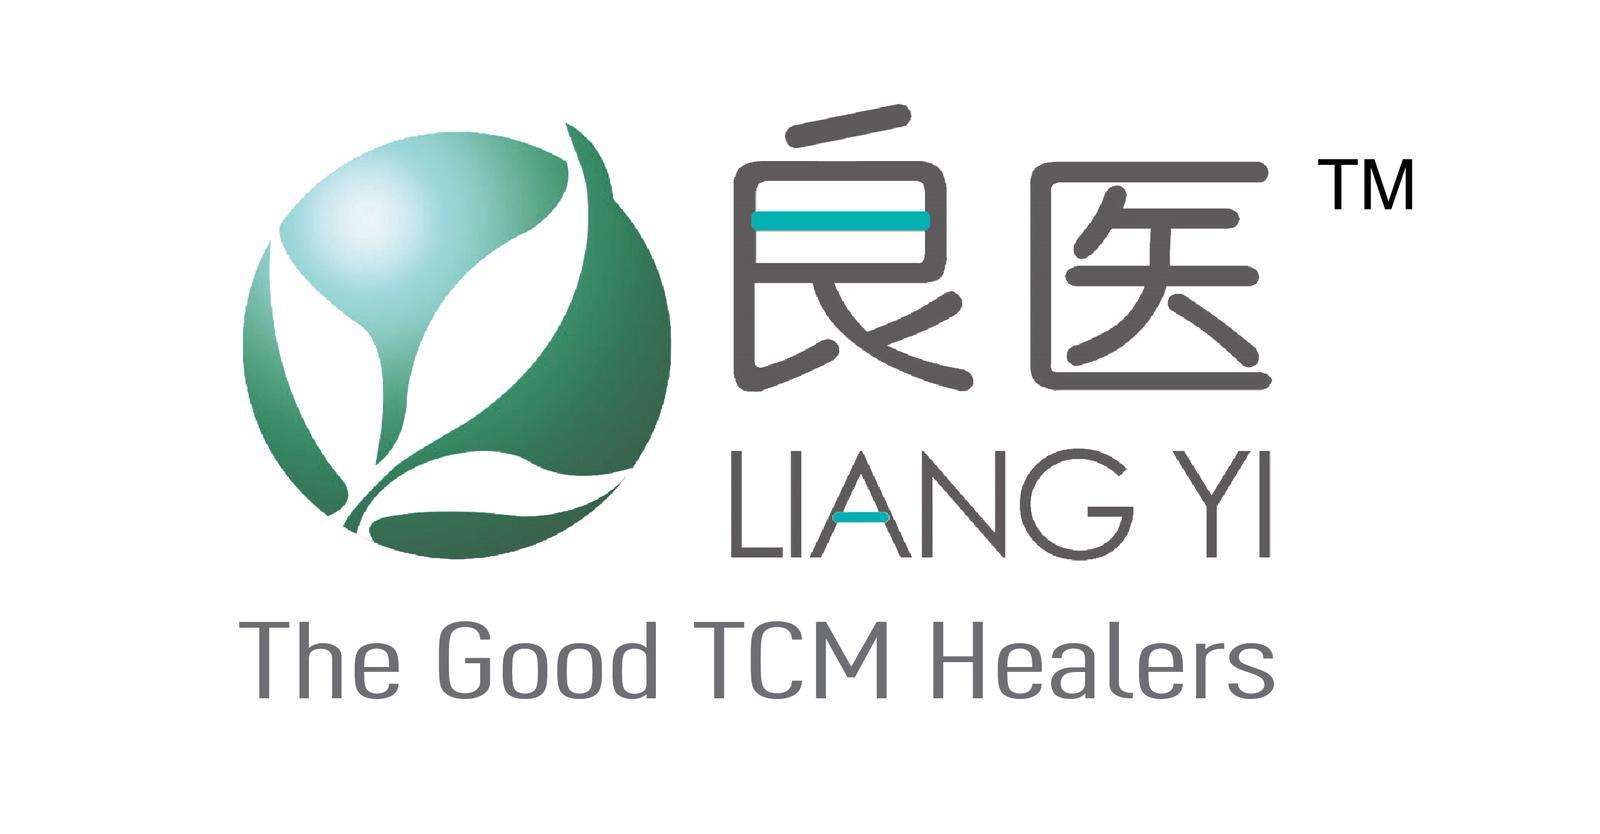 Liang Yi